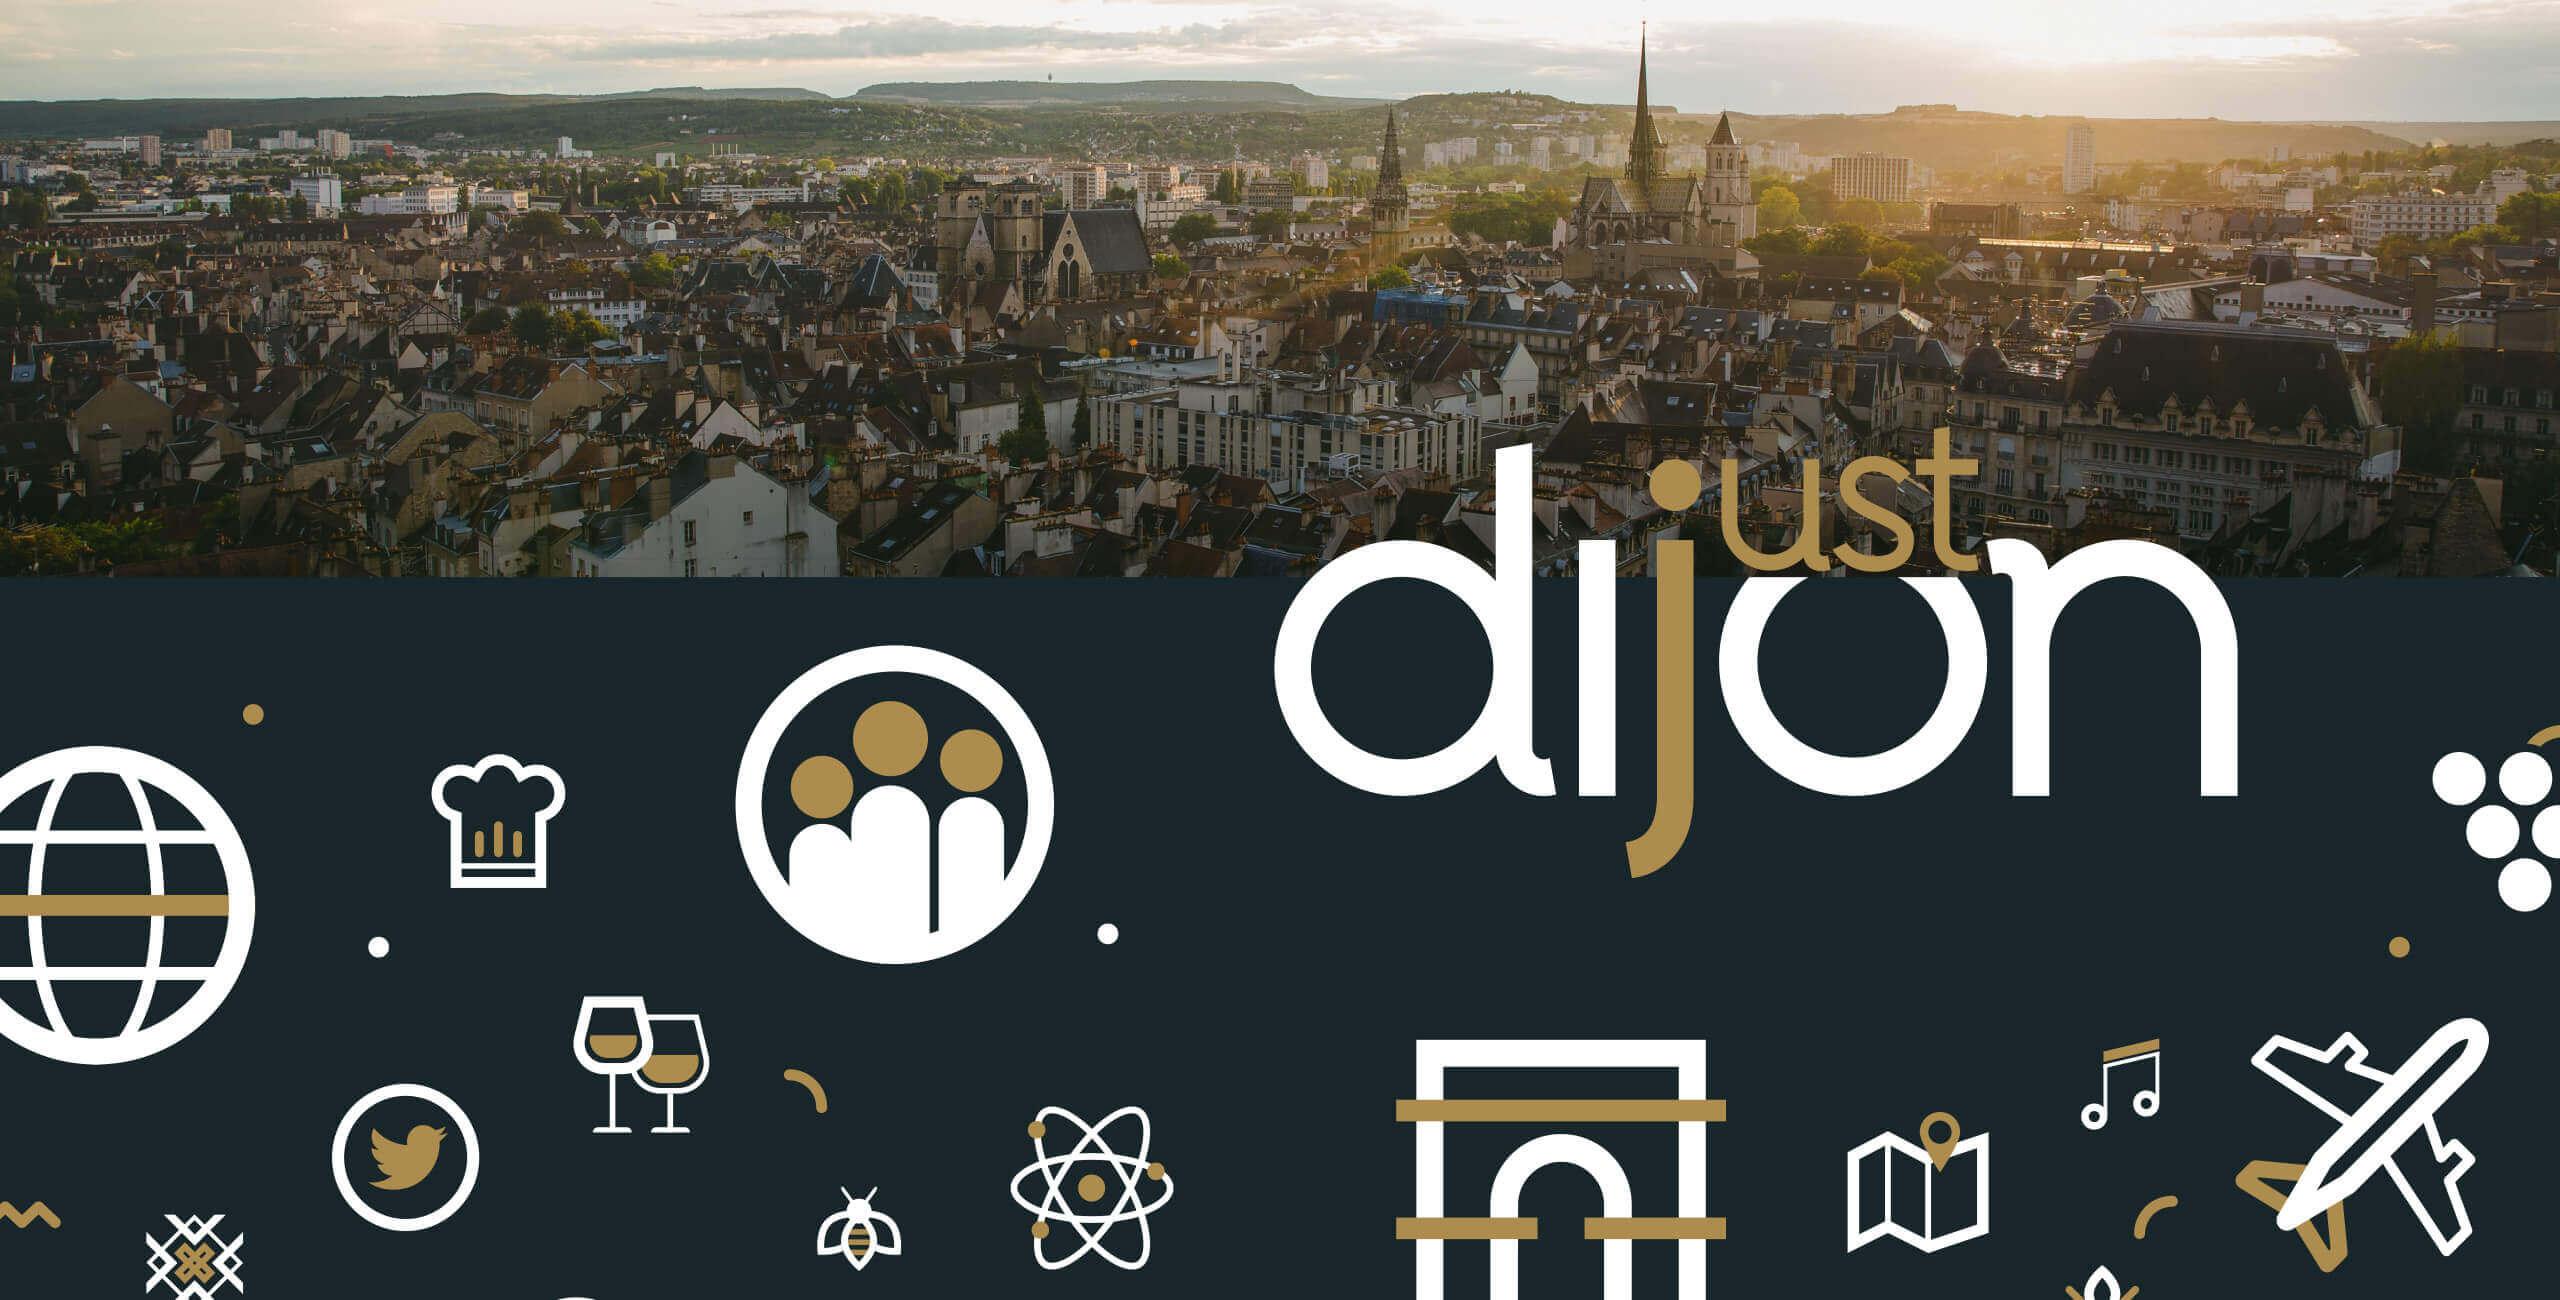 marque territoriale Just Dijon